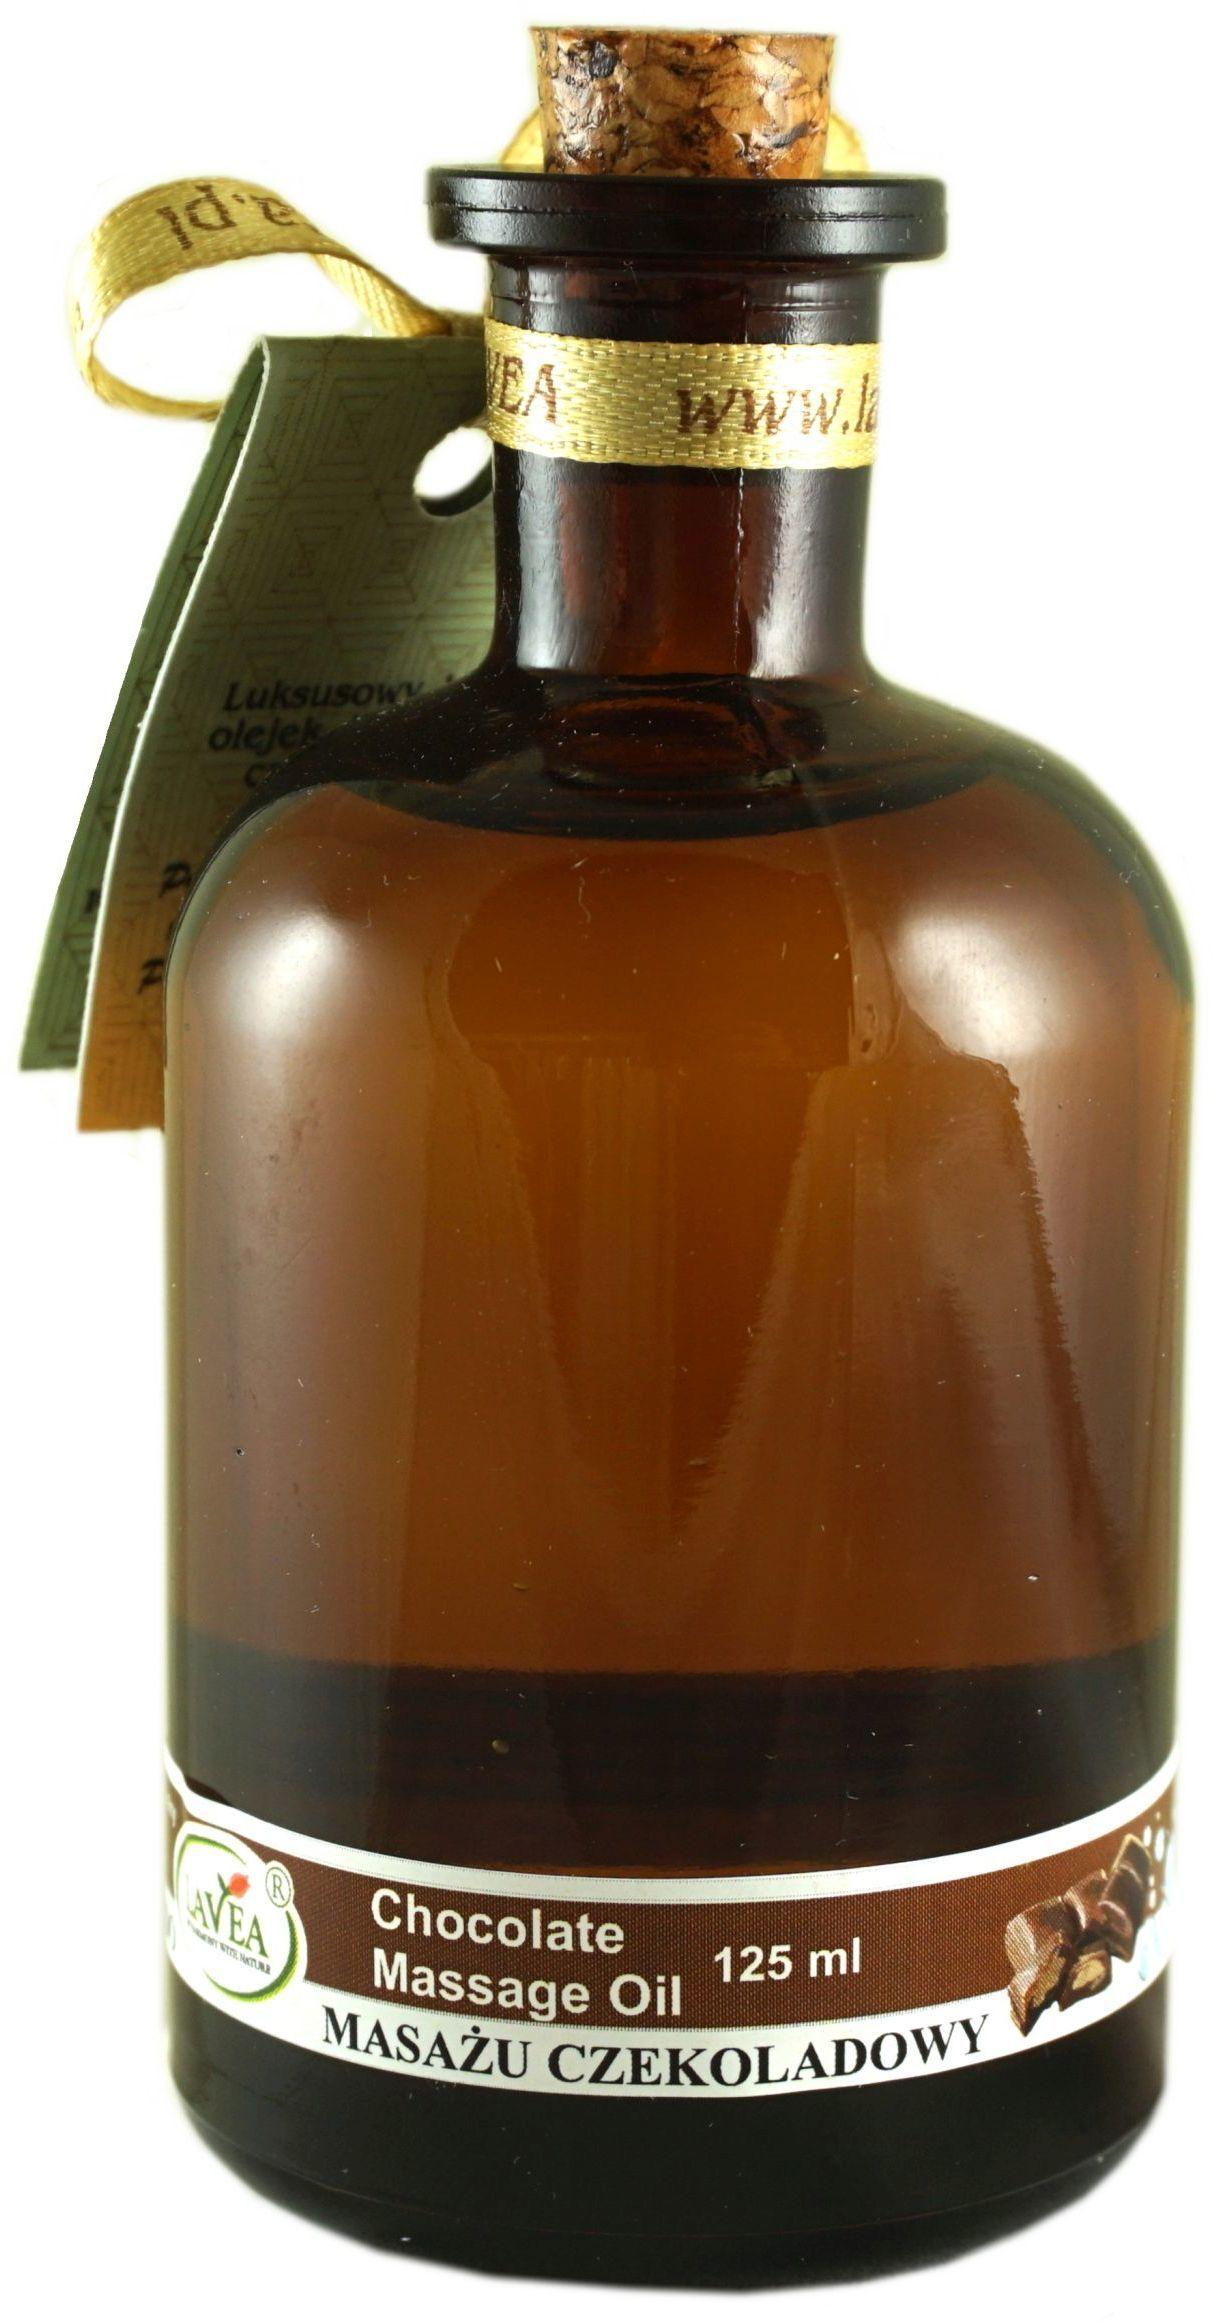 Luksusowy olejek do masażu czekoladowy - 125 ml - Lavea